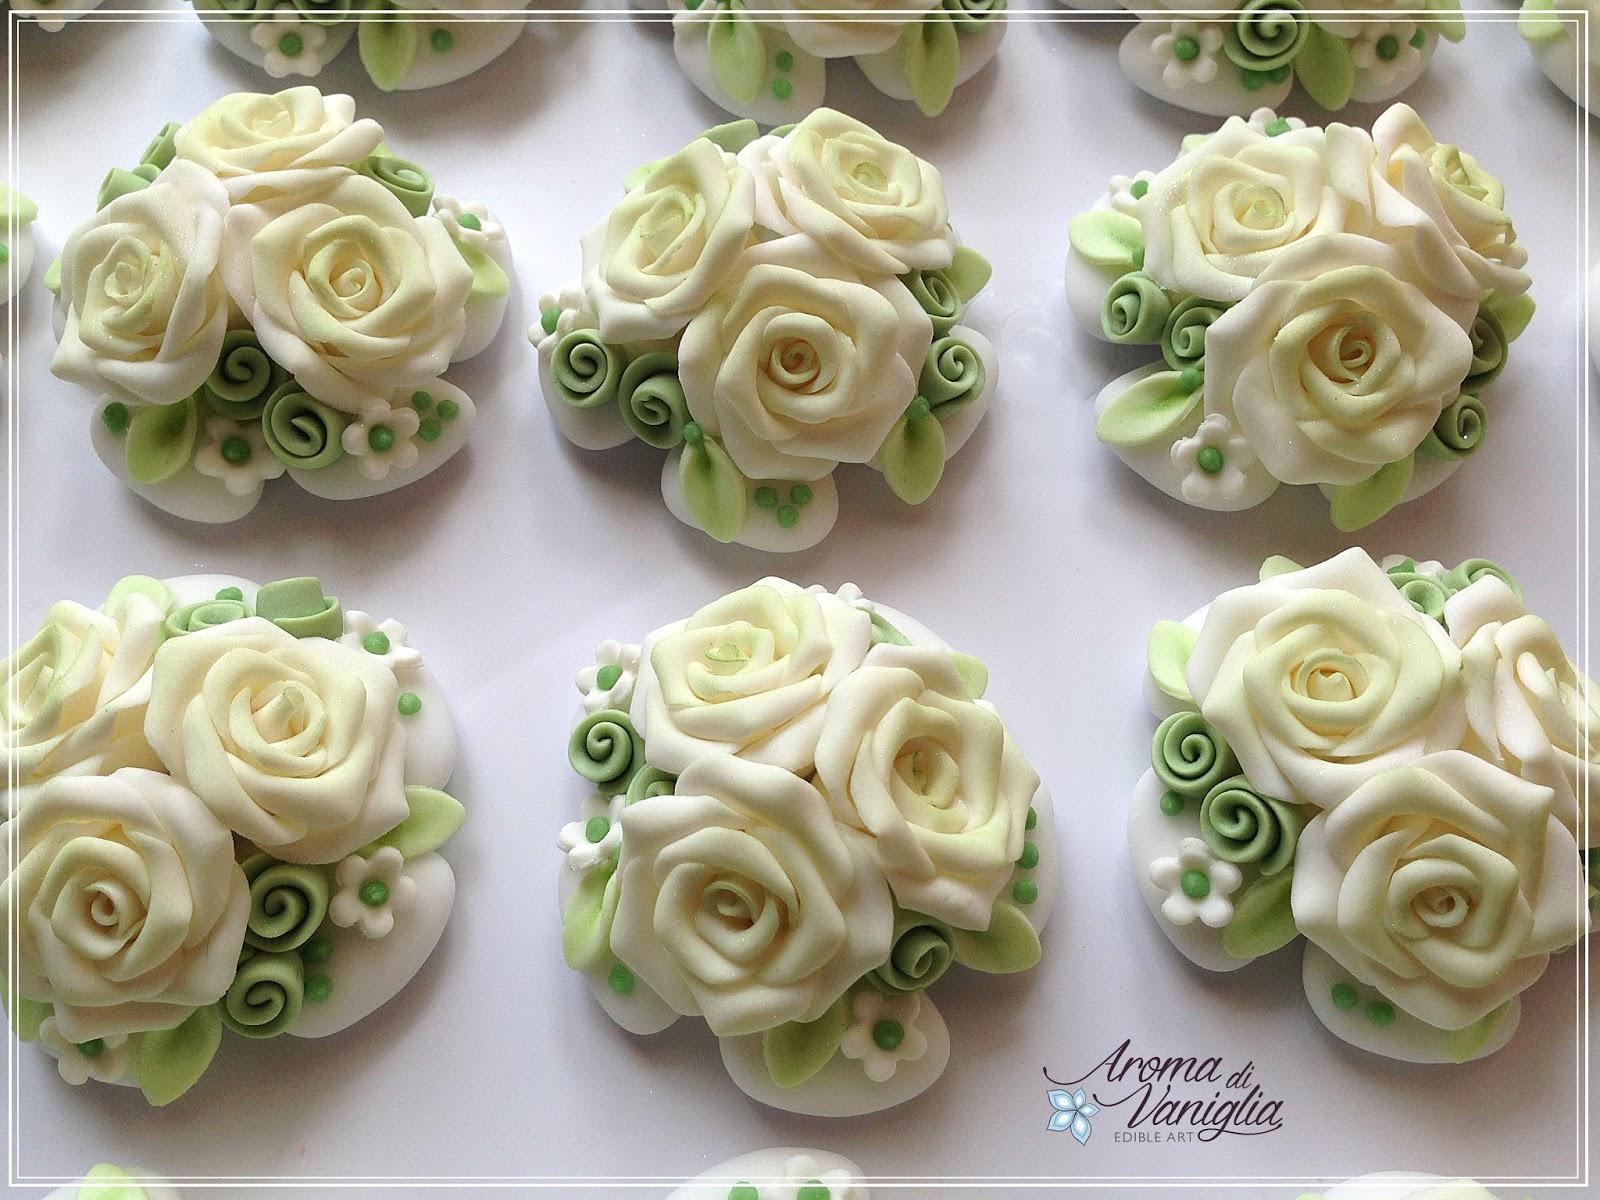 Favoloso aroma di vaniglia: 40 anni di nozze YR46